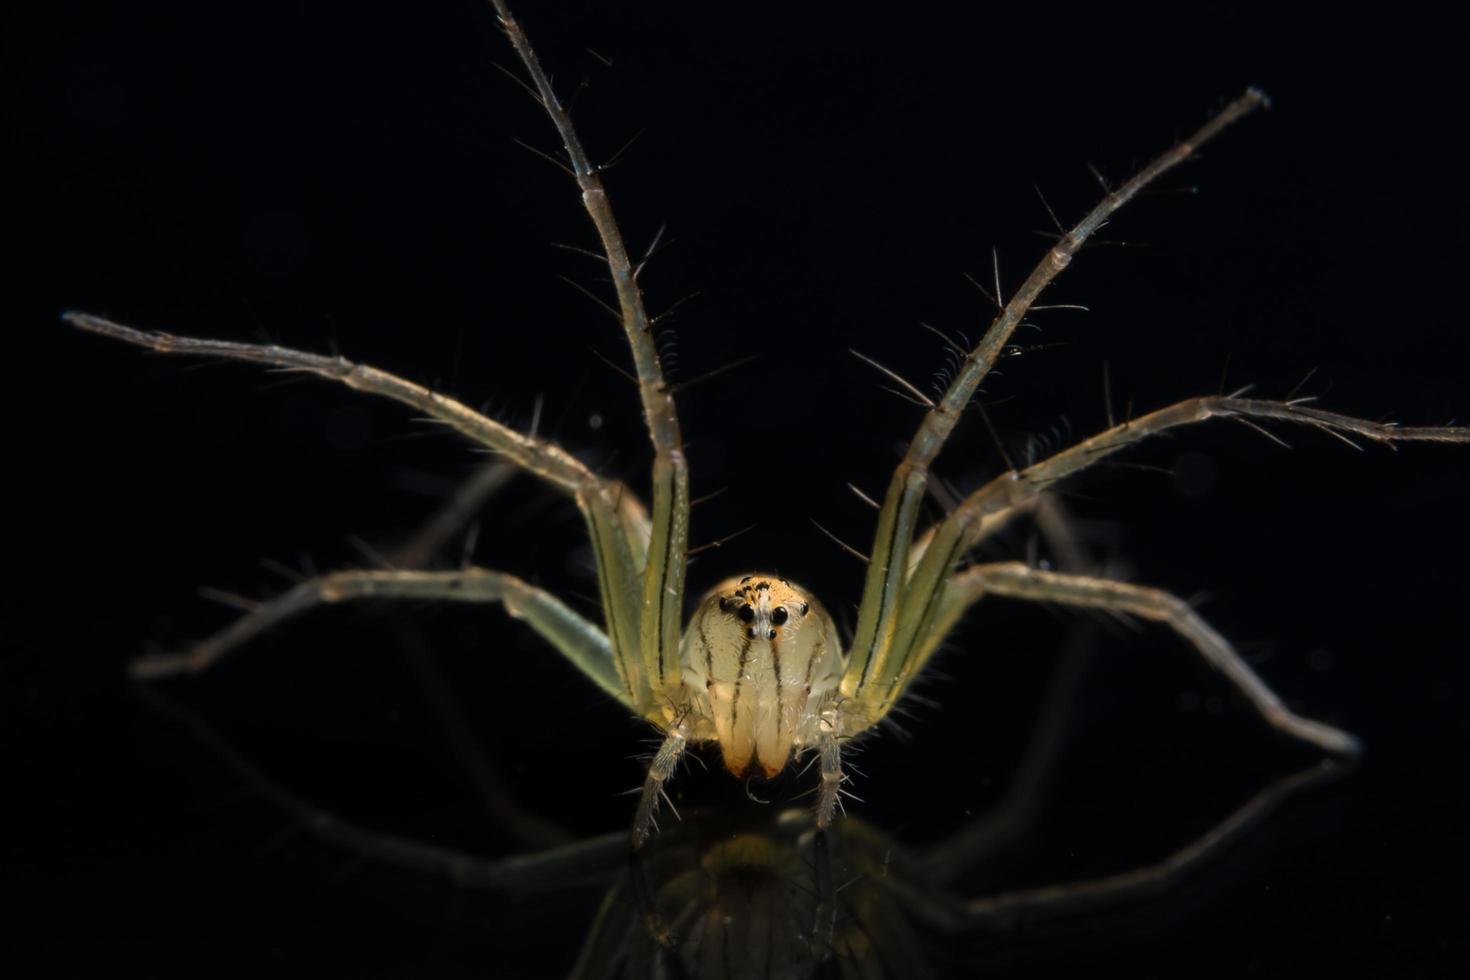 araña en espejo negro foto